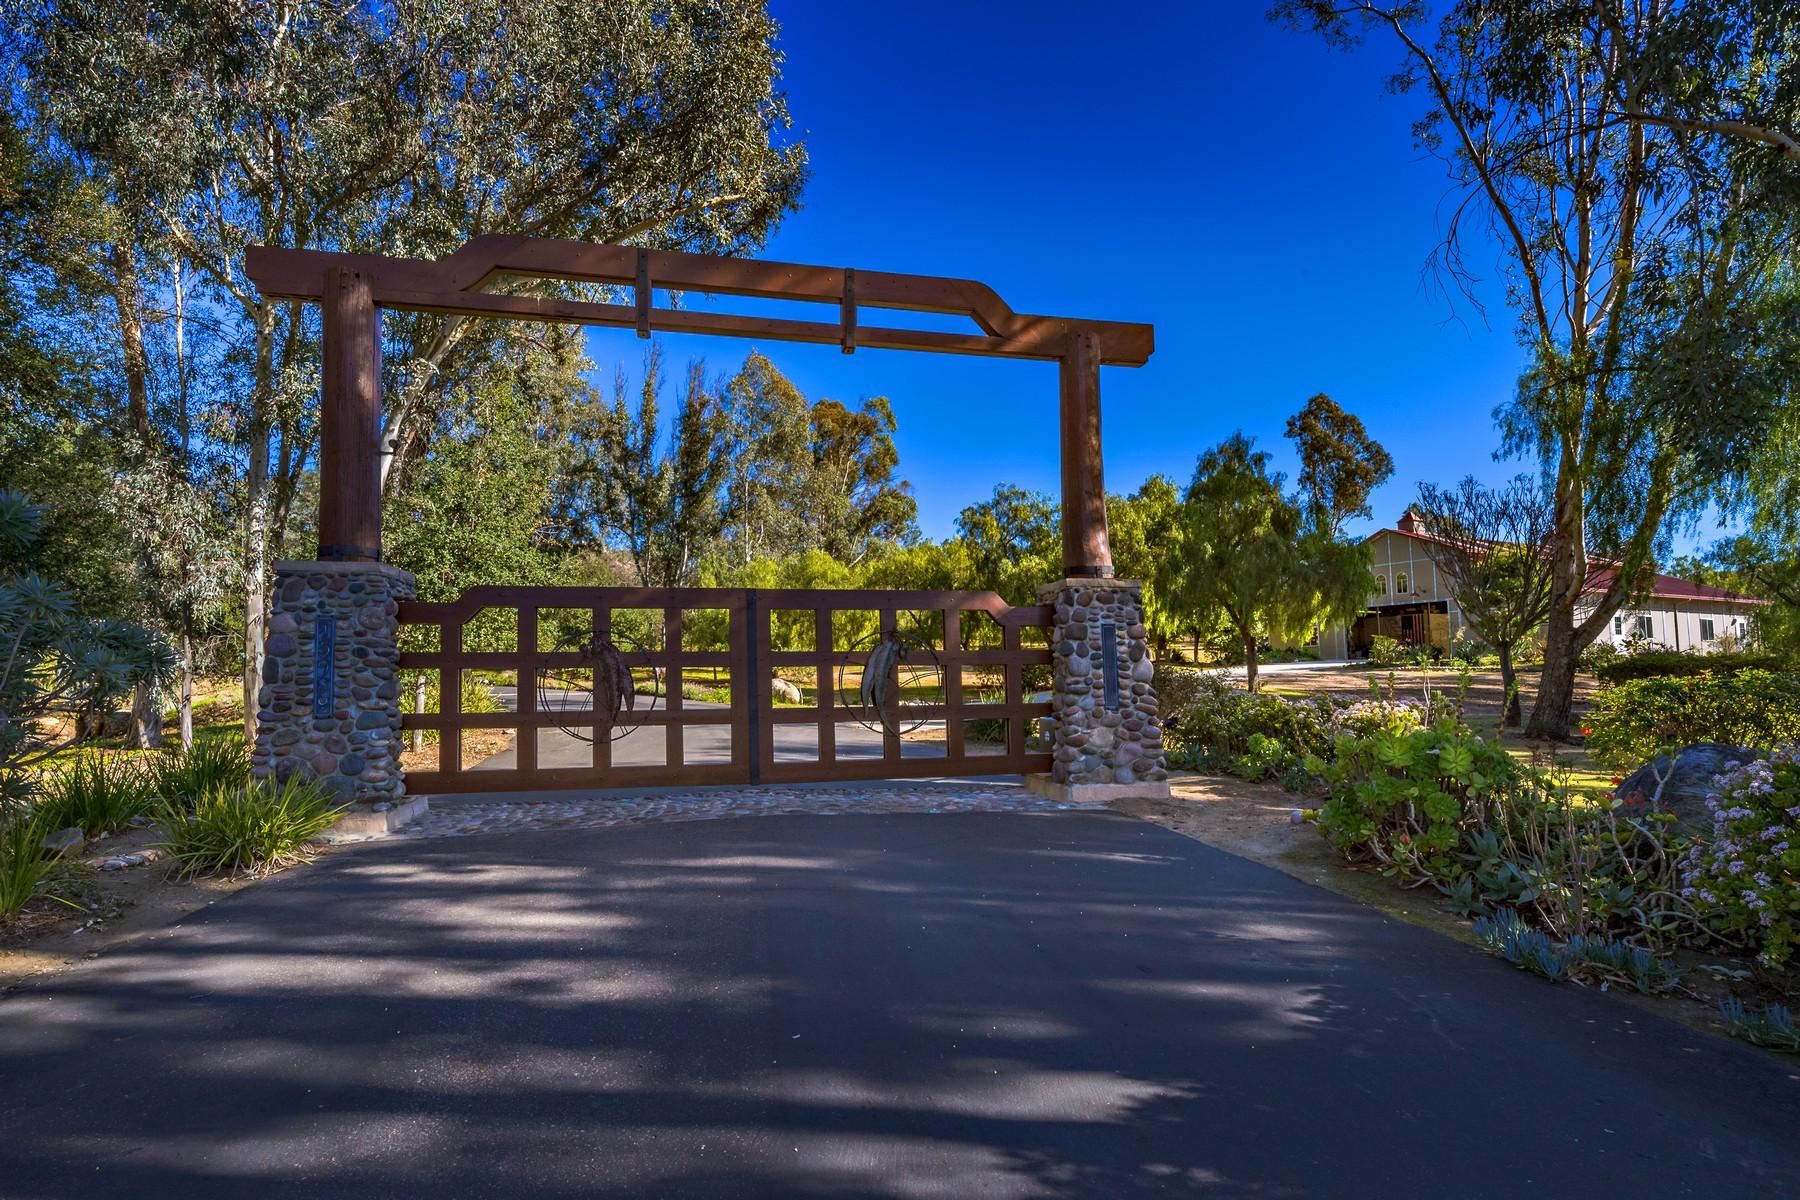 Casa Unifamiliar por un Venta en 13980 Millards Ranch 13980 Millards Ranch-Lot 46, Poway, California, 92064 Estados Unidos